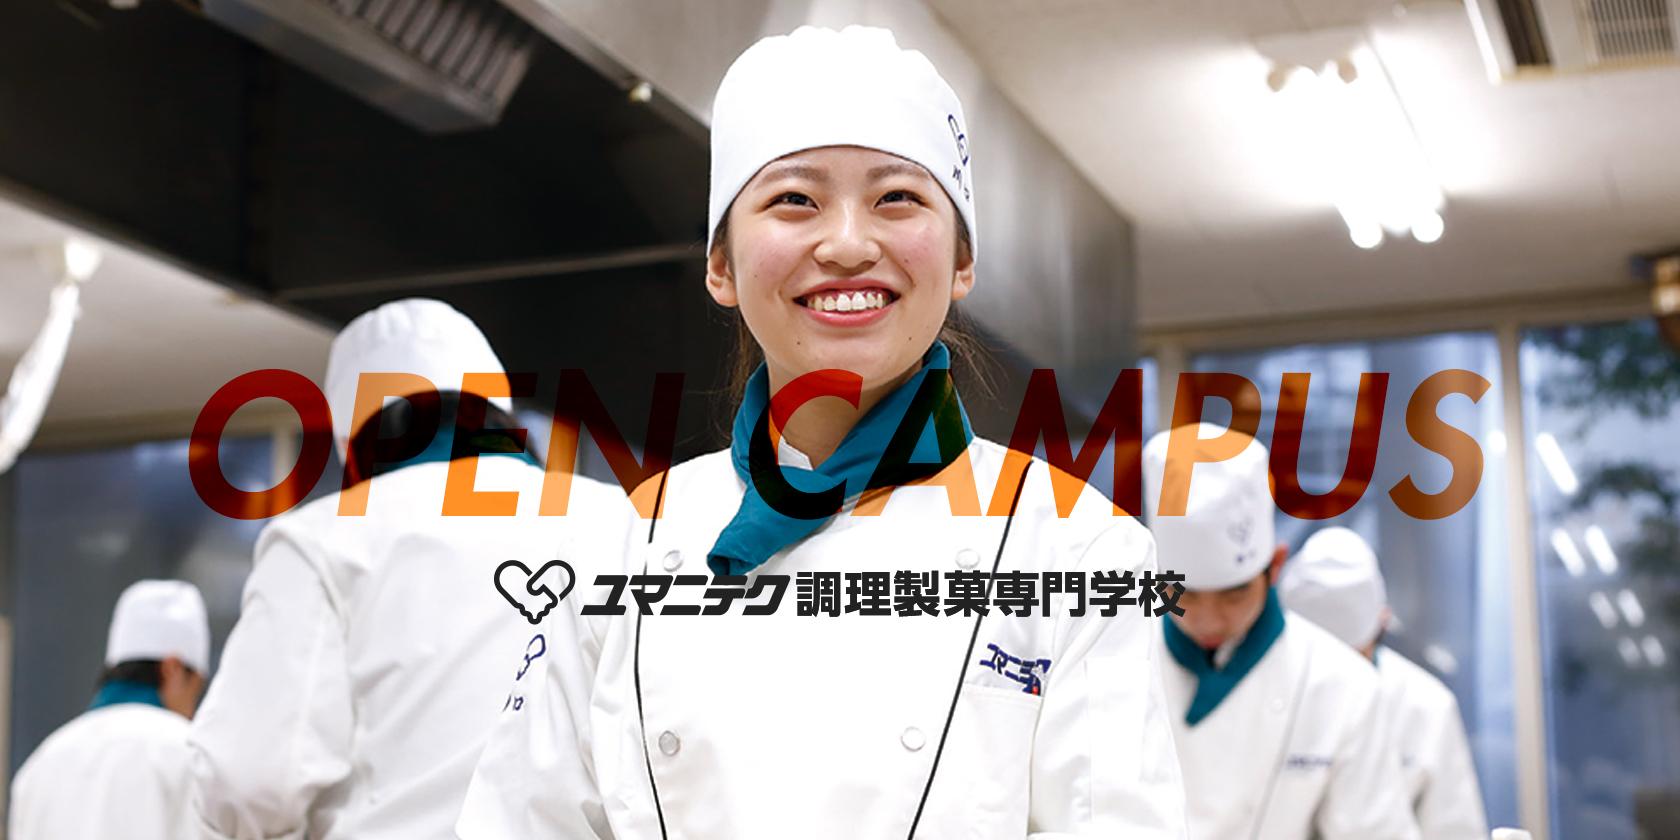 ユマニテク調理製菓専門学校オープンキャンパス情報サイト